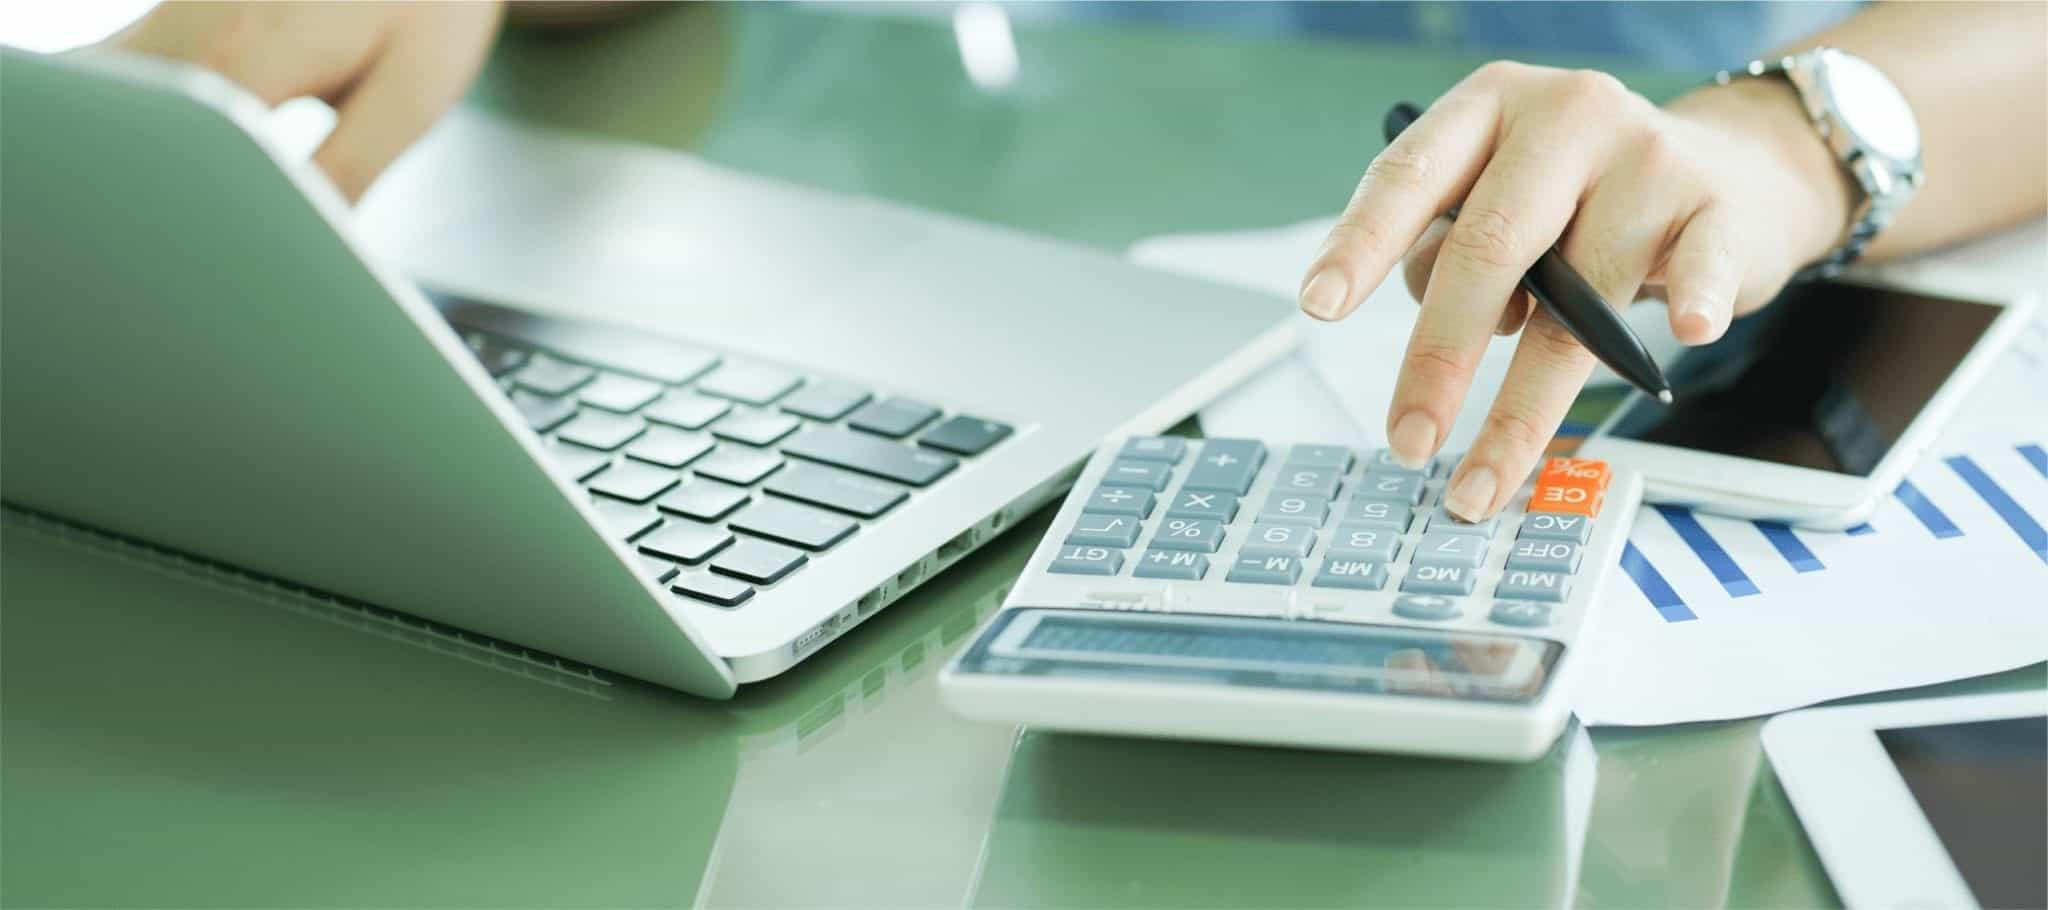 4 Cara Meningkatkan Keakuratan Proses Payroll Perusahaan